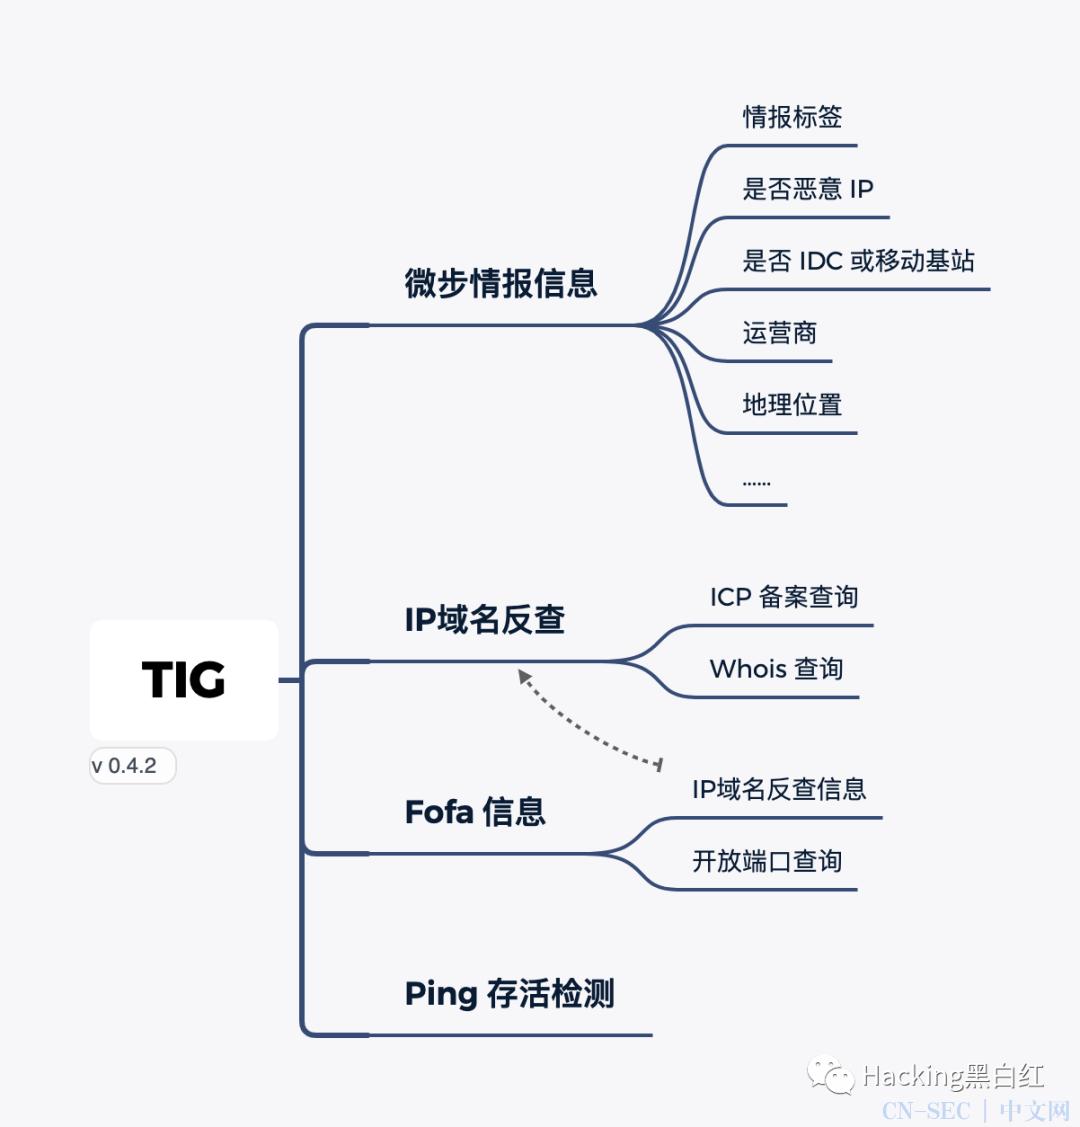 蓝队神器 基于微步情报API的威胁情报收集溯源工具 TIG